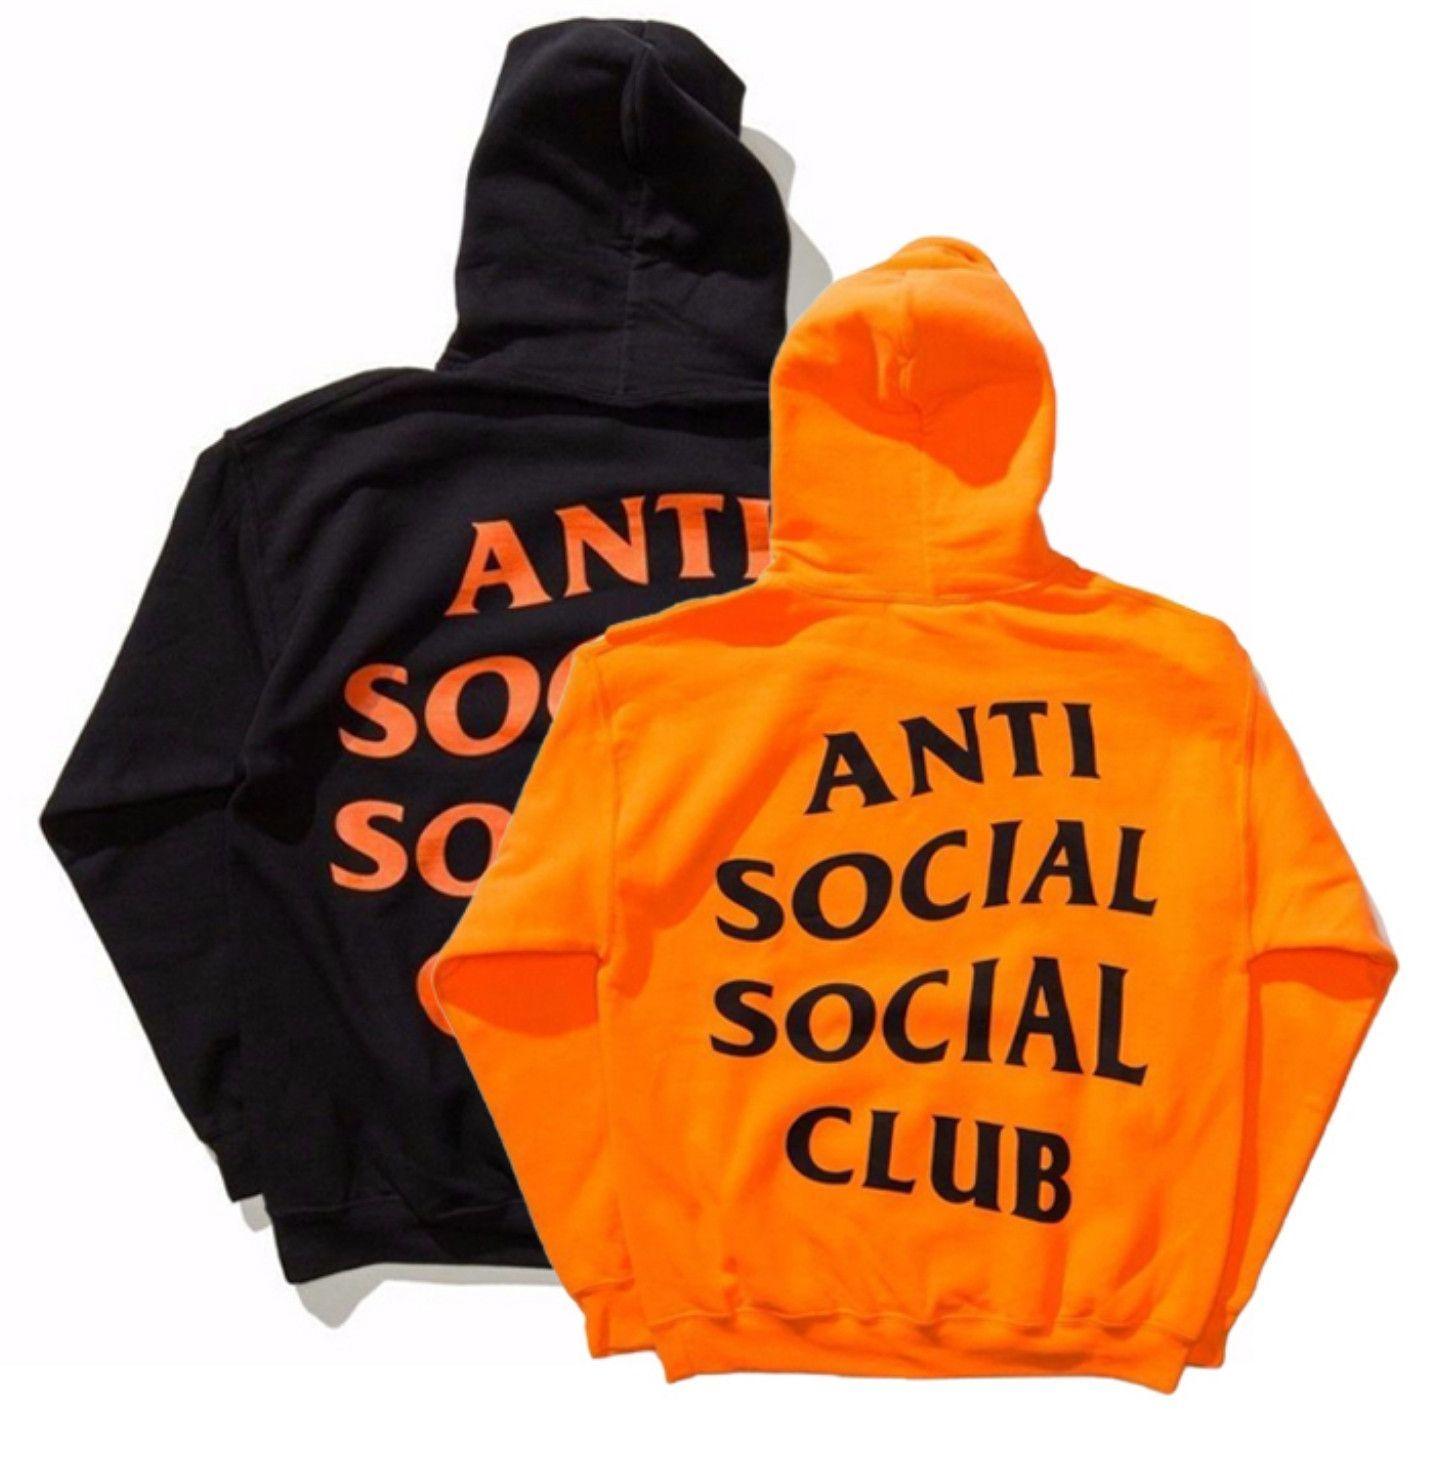 Anti Social Social Club Hoodies Anti Social Social Club Hoodies Anti Social